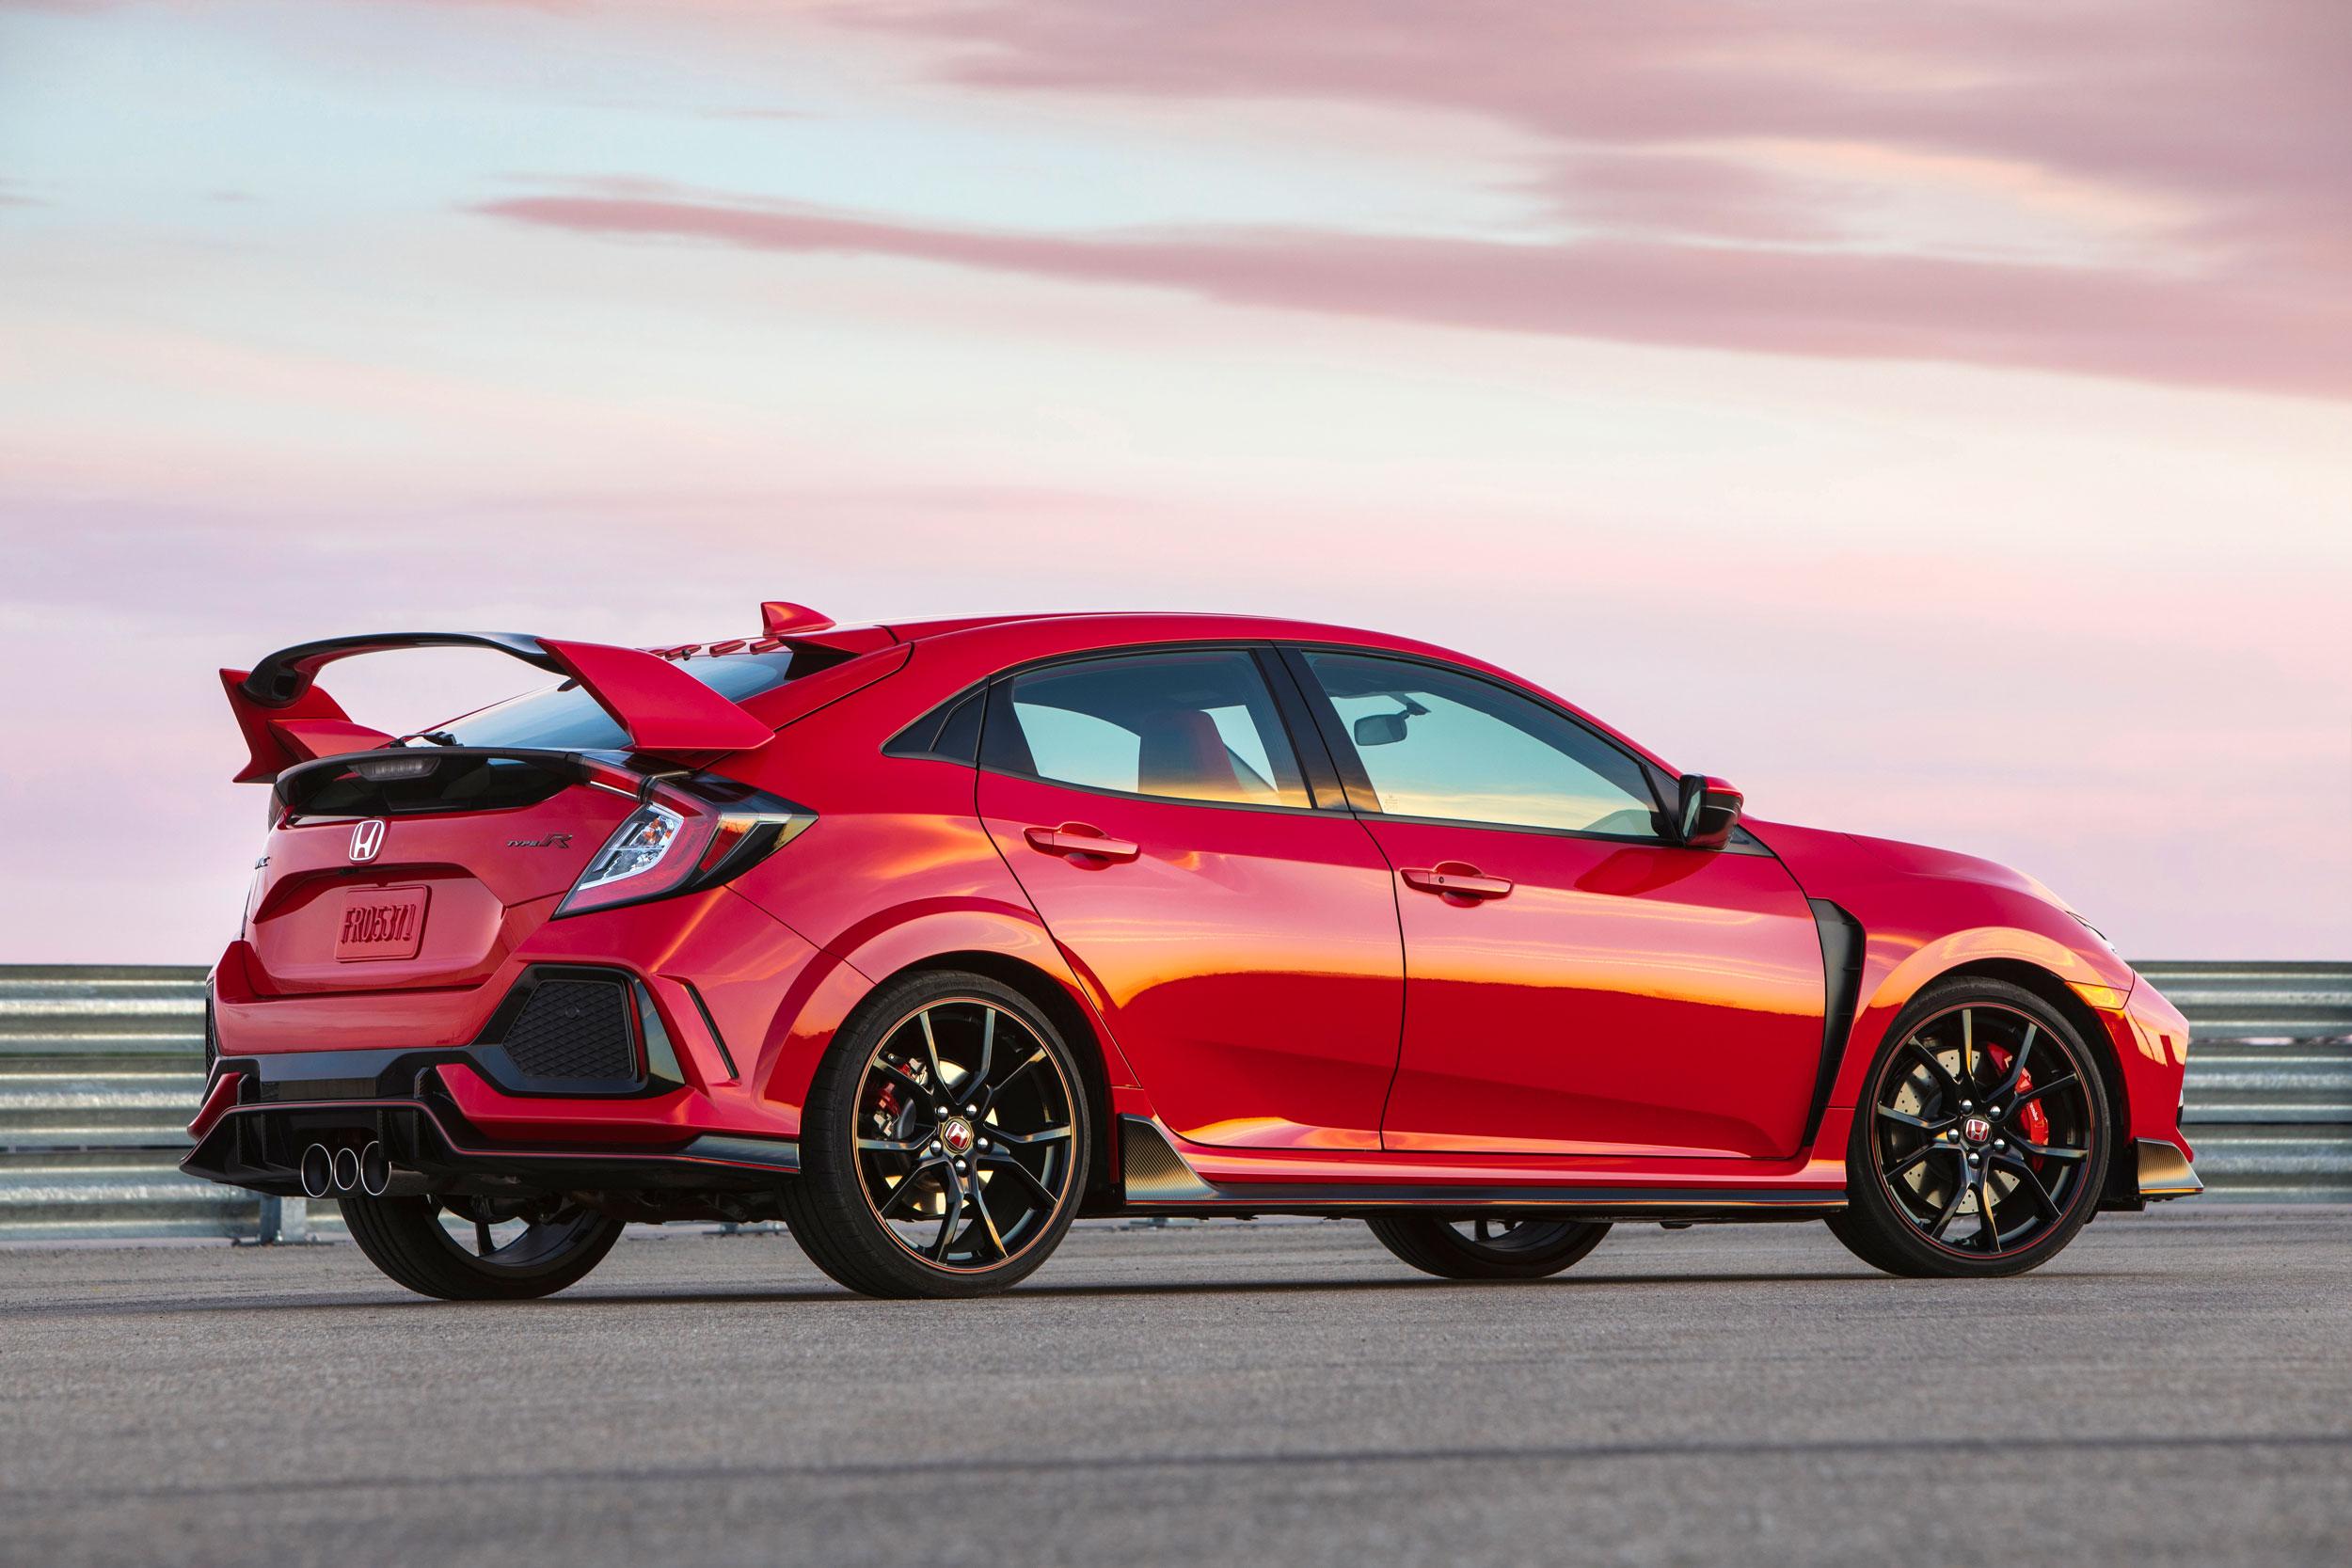 2019 Honda Civic Type-R rear 3/4